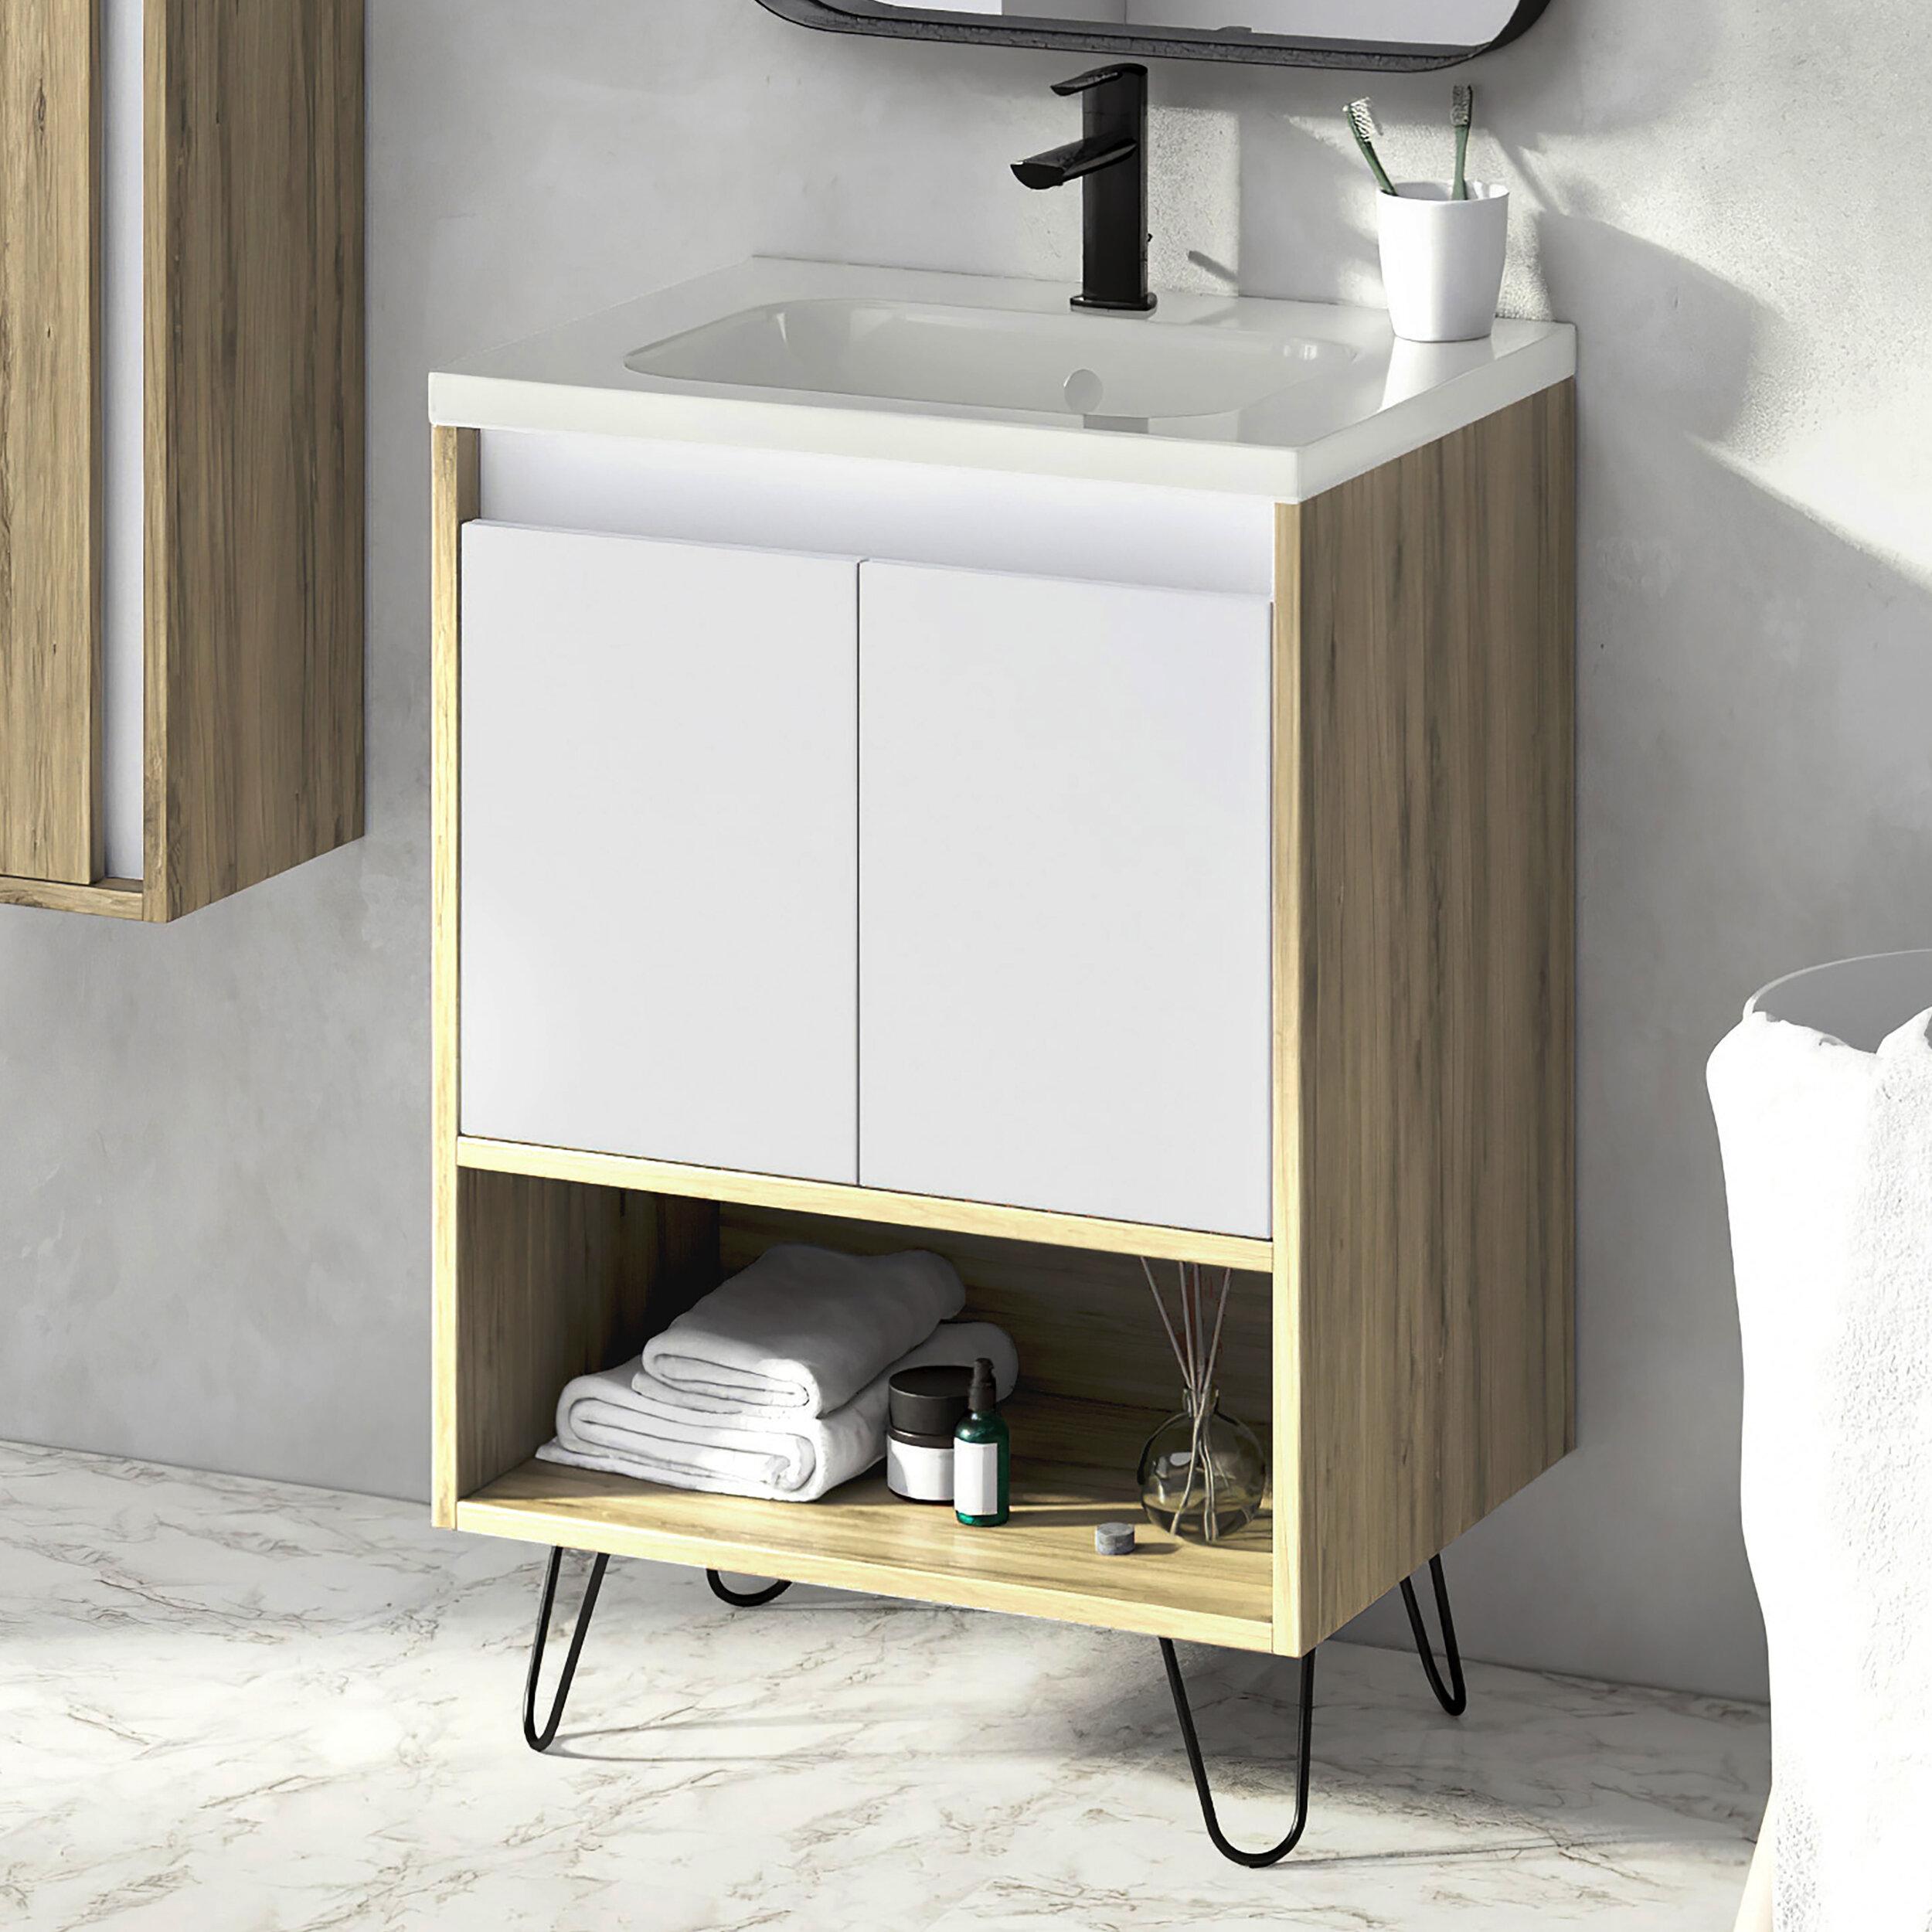 Made In Usa Corrigan Studio Bathroom Vanities You Ll Love In 2021 Wayfair